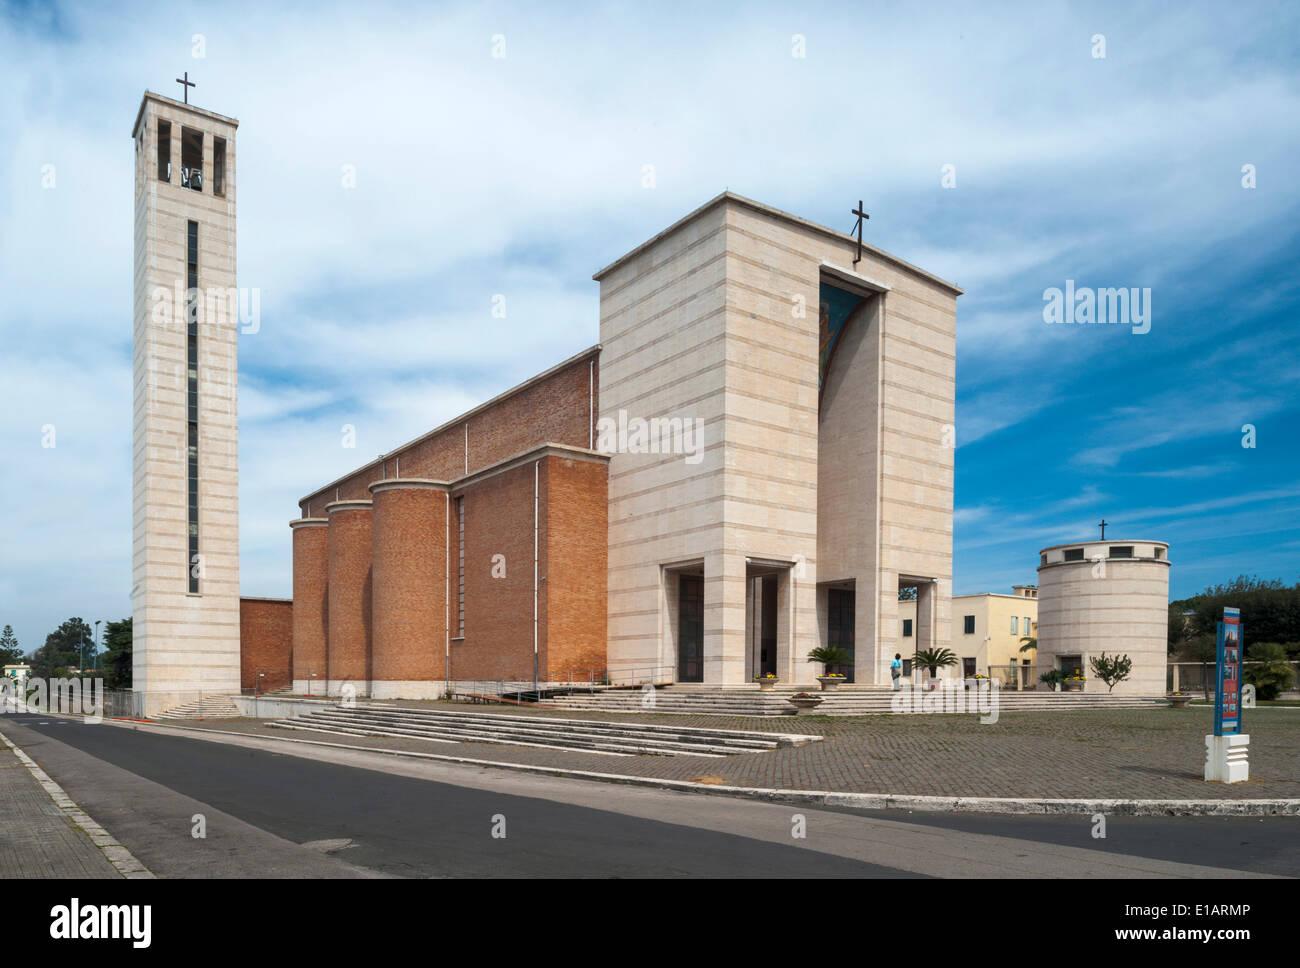 Iglesia con una torre de 1935, arquitectura monumental, de Sabaudia, Lacio, Italia Imagen De Stock